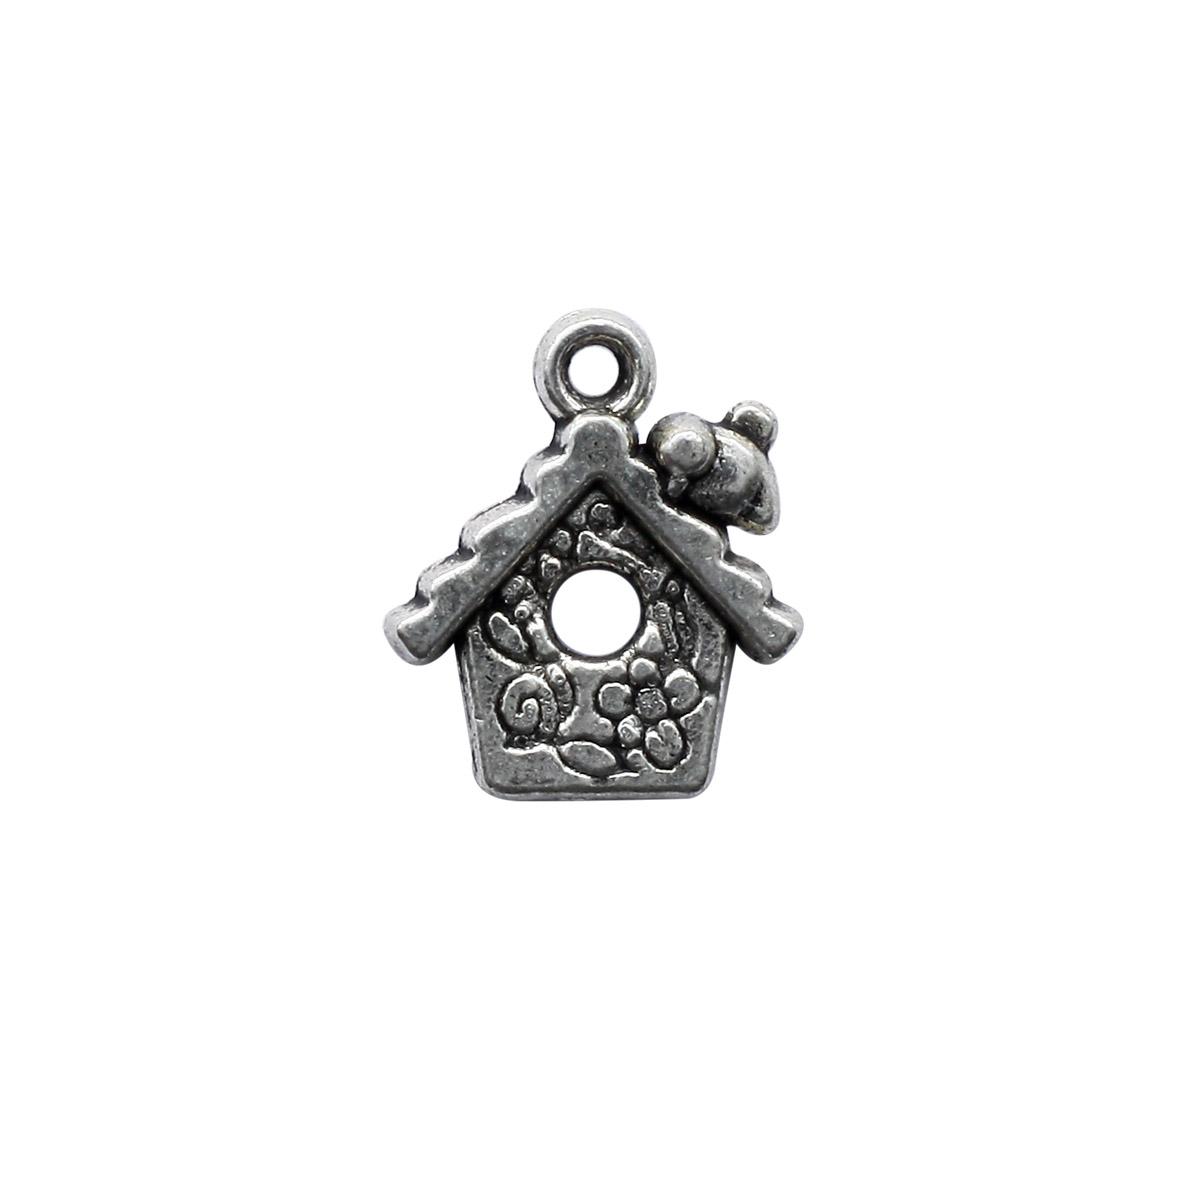 4AR063 Подвеска металлическая скворечник, 2шт/упак, Астра